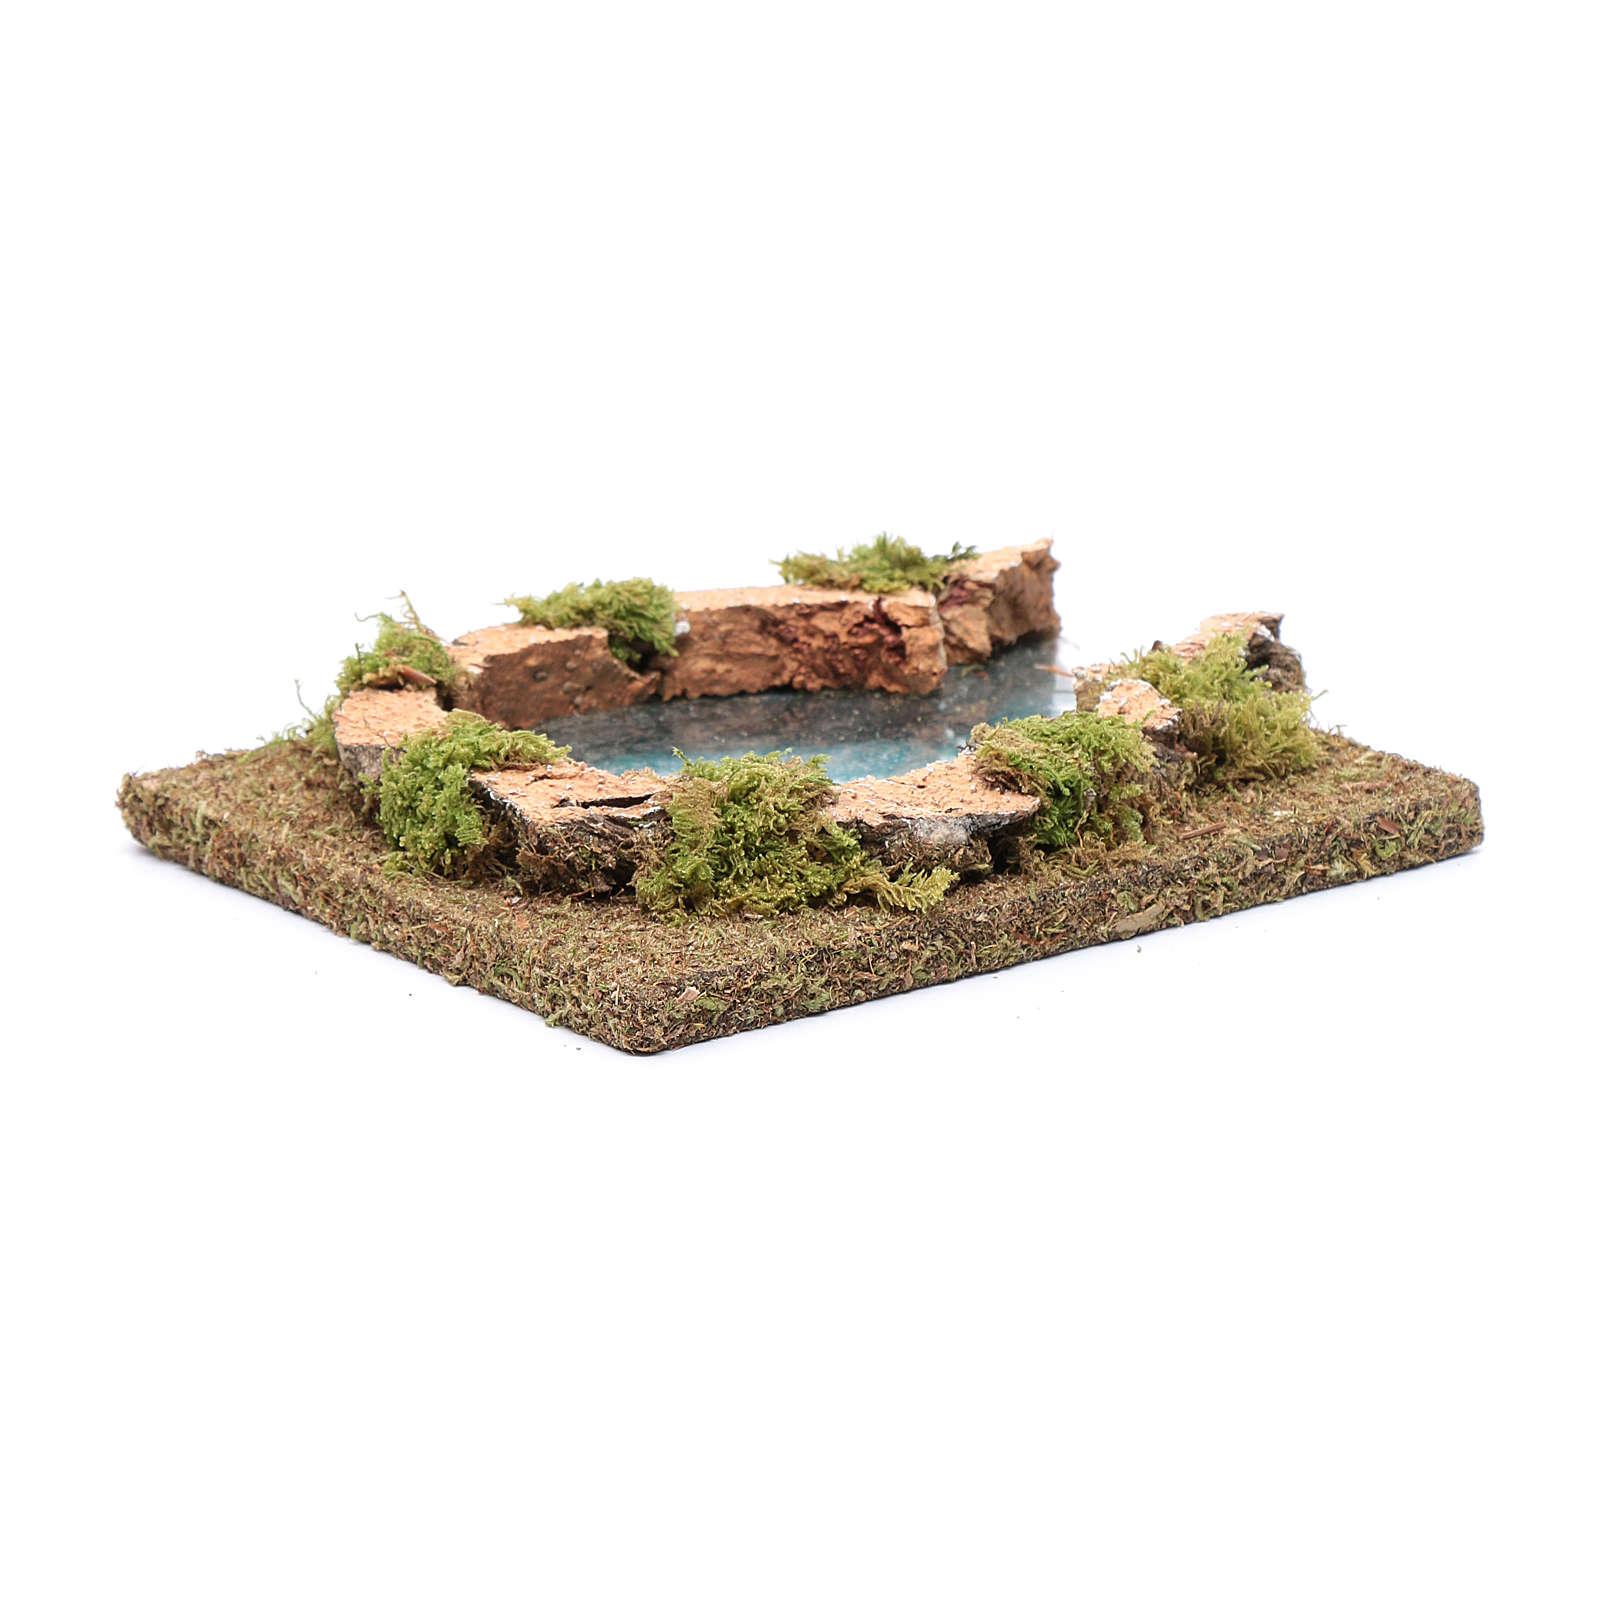 Teich mit Flüsseinmündung, 15x15 cm 4